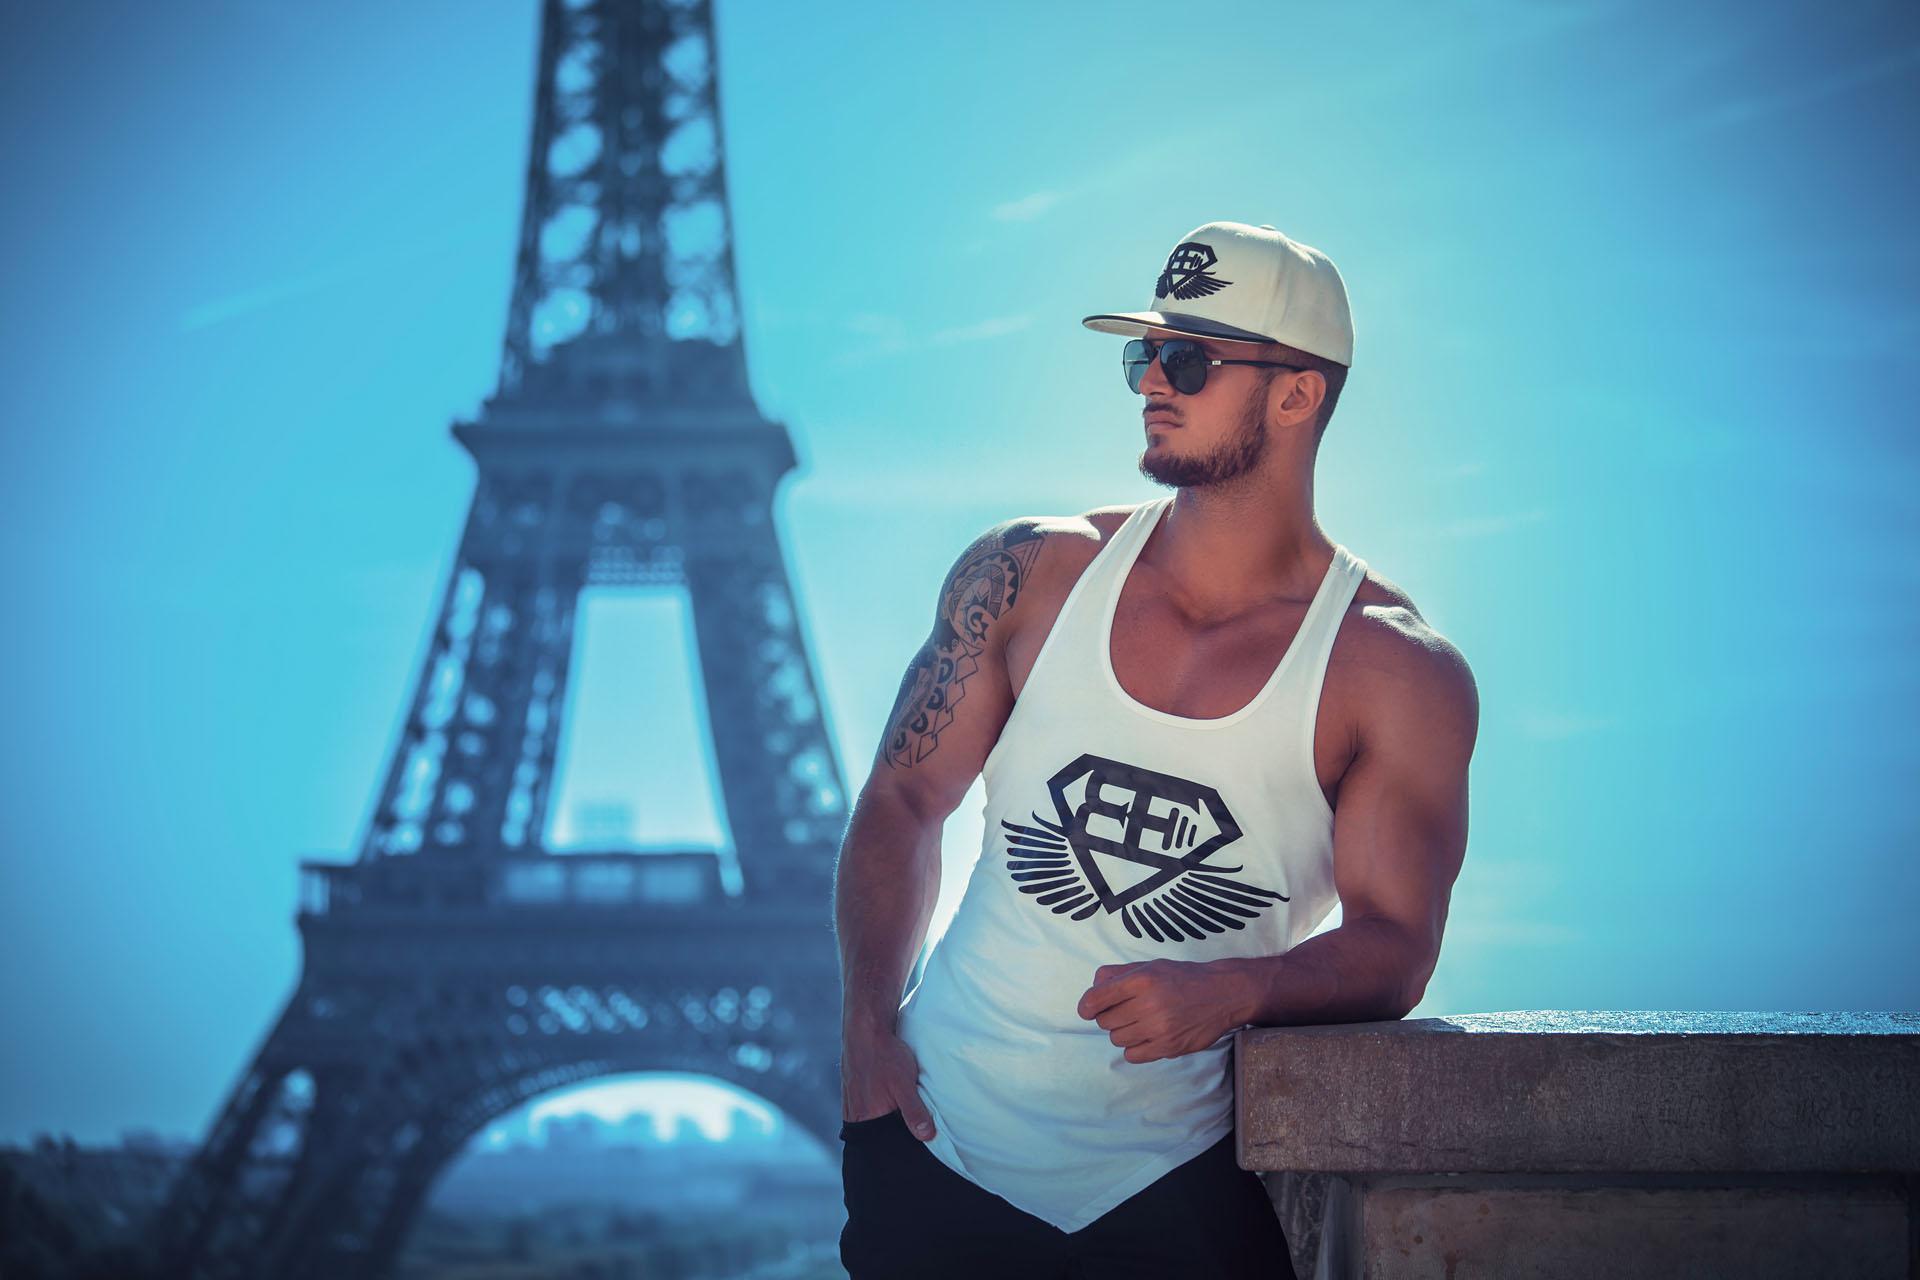 2015-09-11 - Anthony Amar - BE - Paris & ParadiForm - 8351 - 1920px